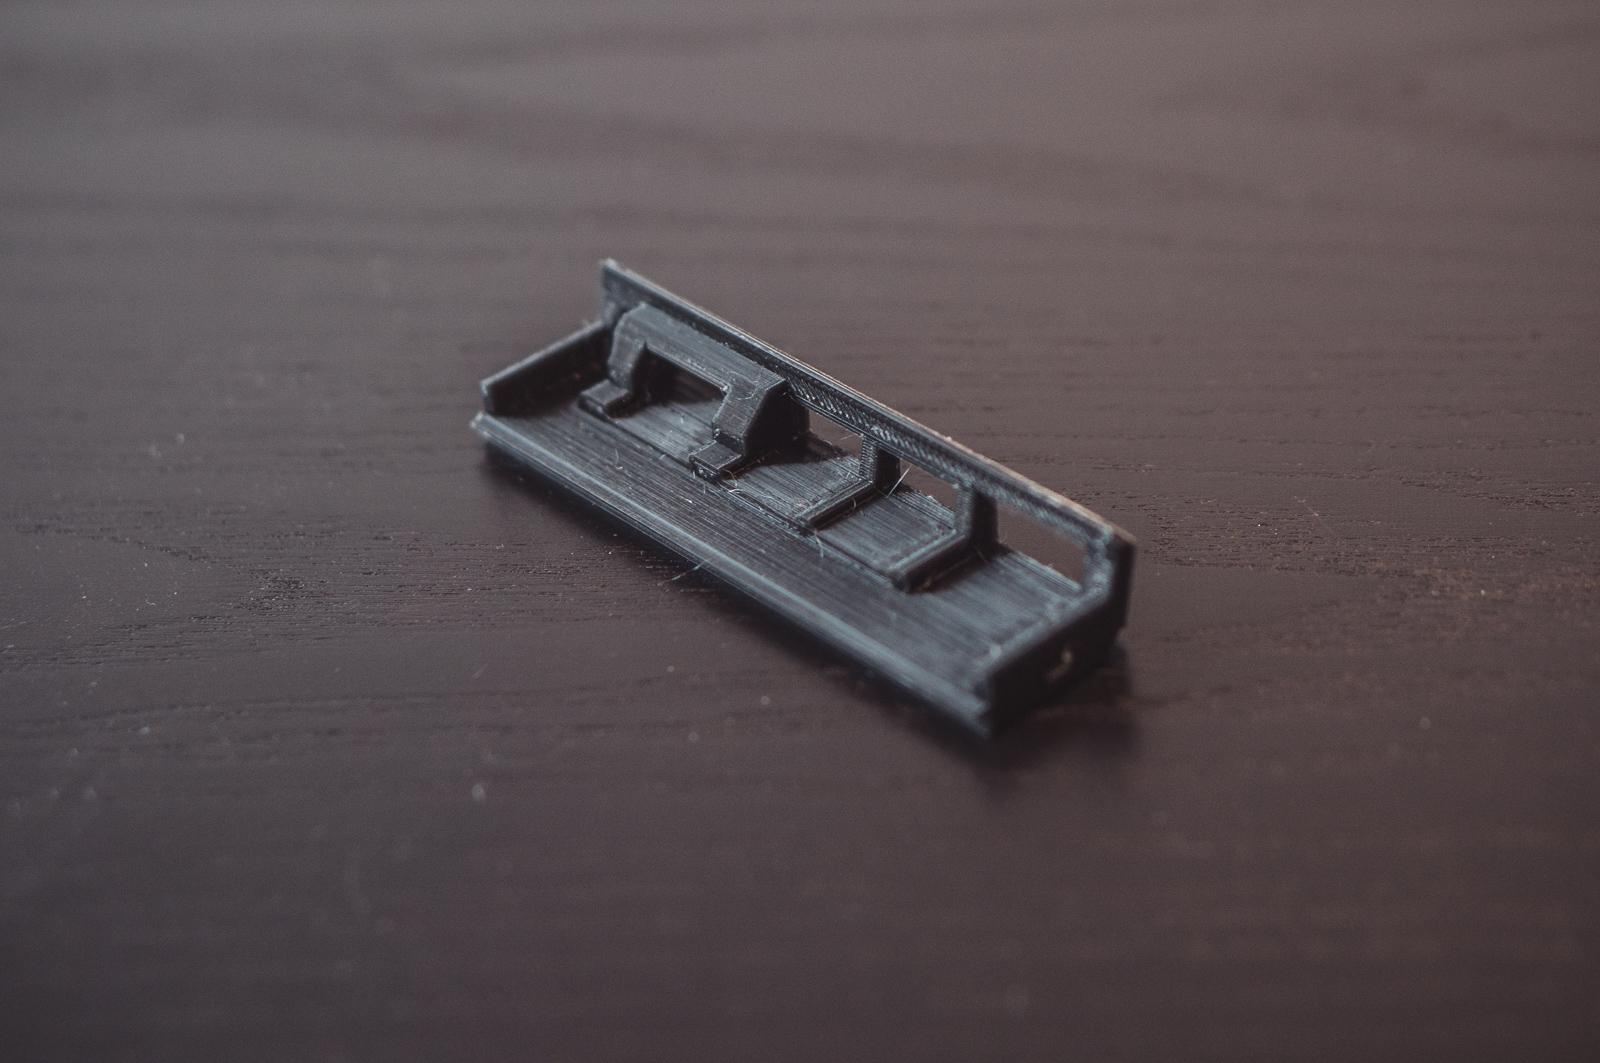 PiKeyboard-2